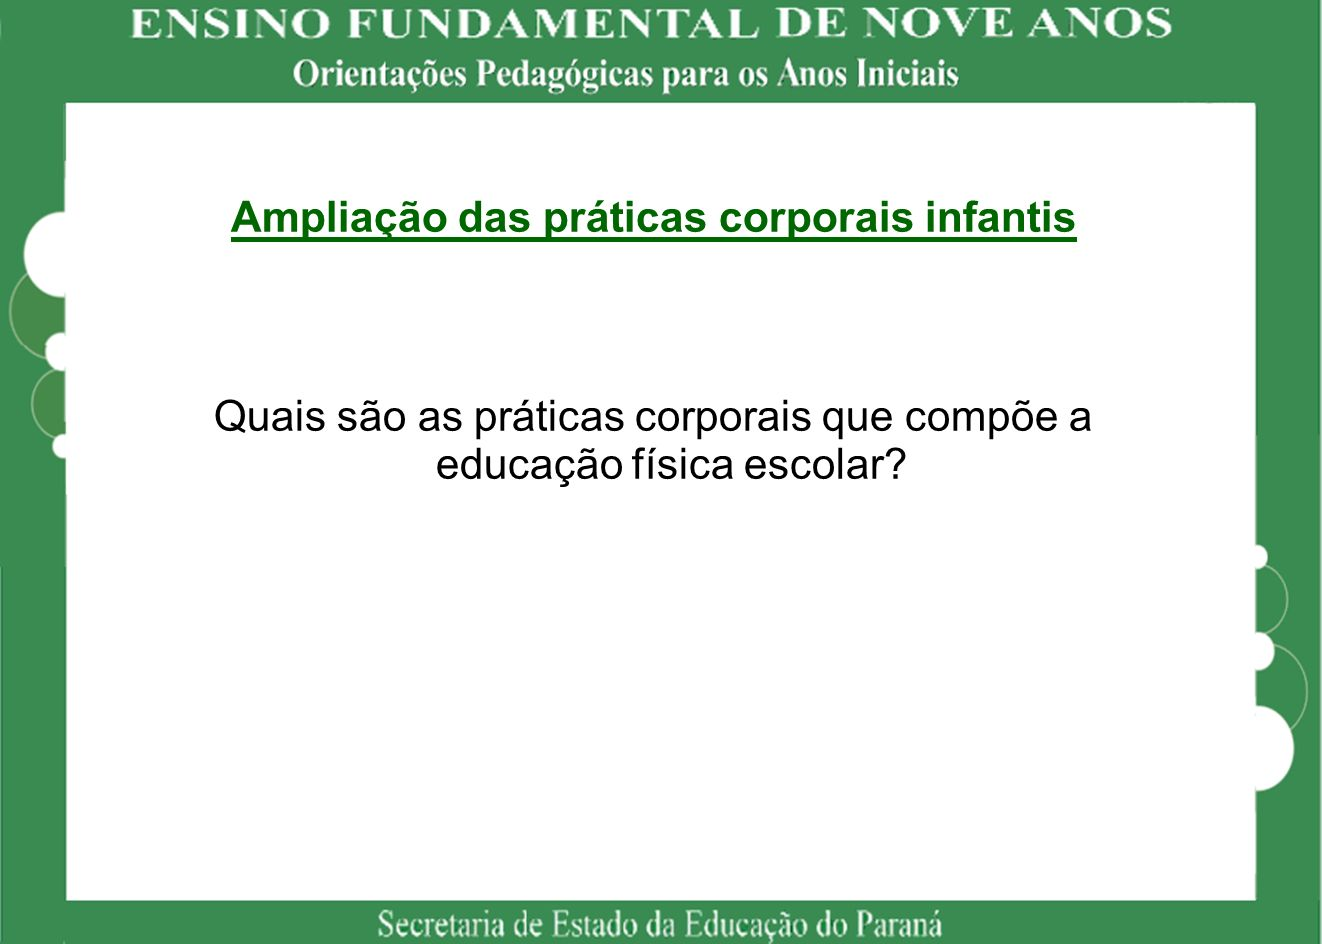 Ampliação das práticas corporais infantis